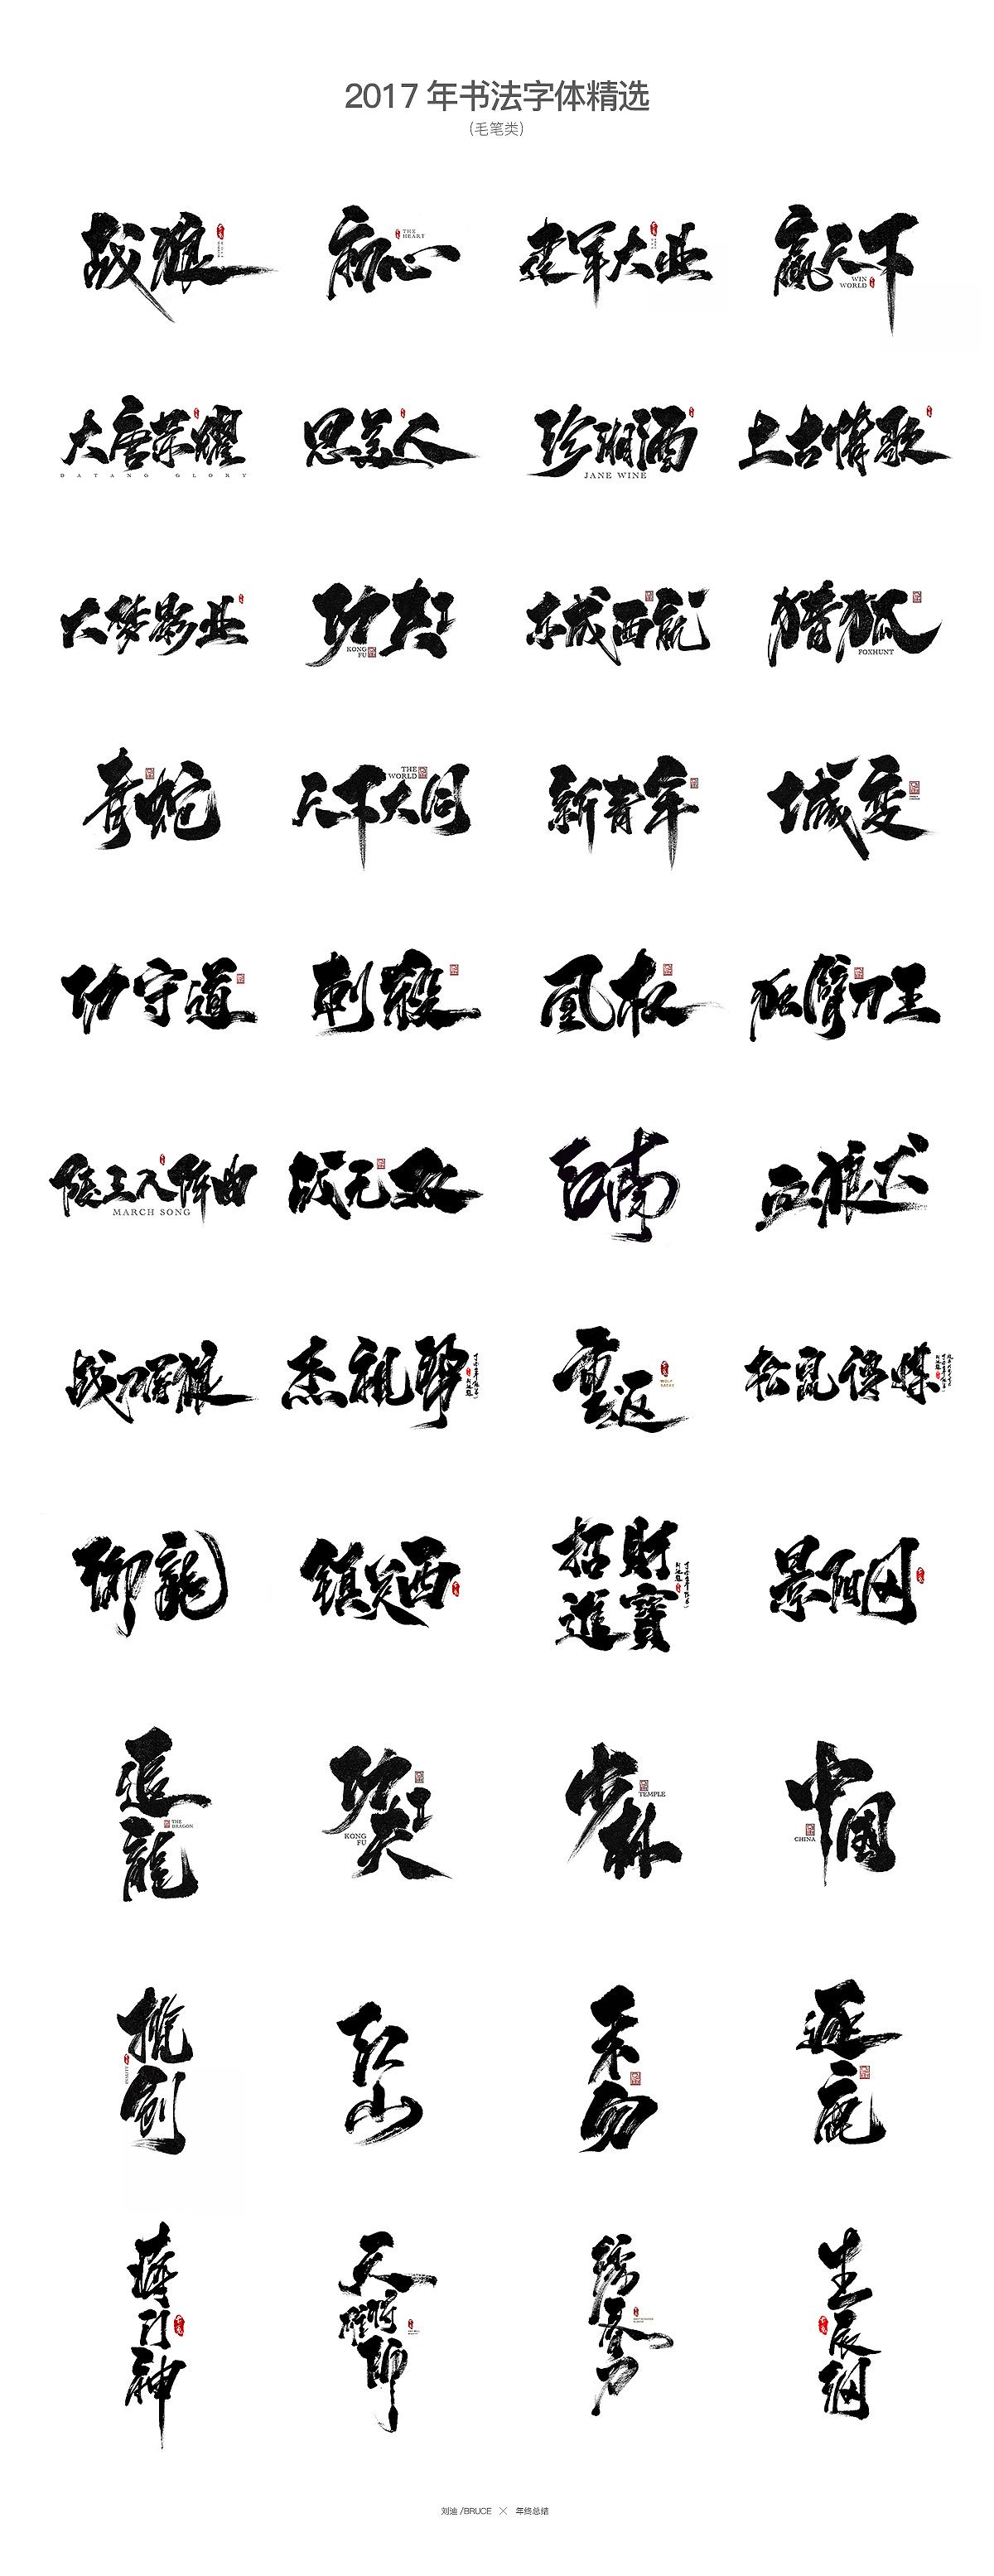 2017书法字体合集精选